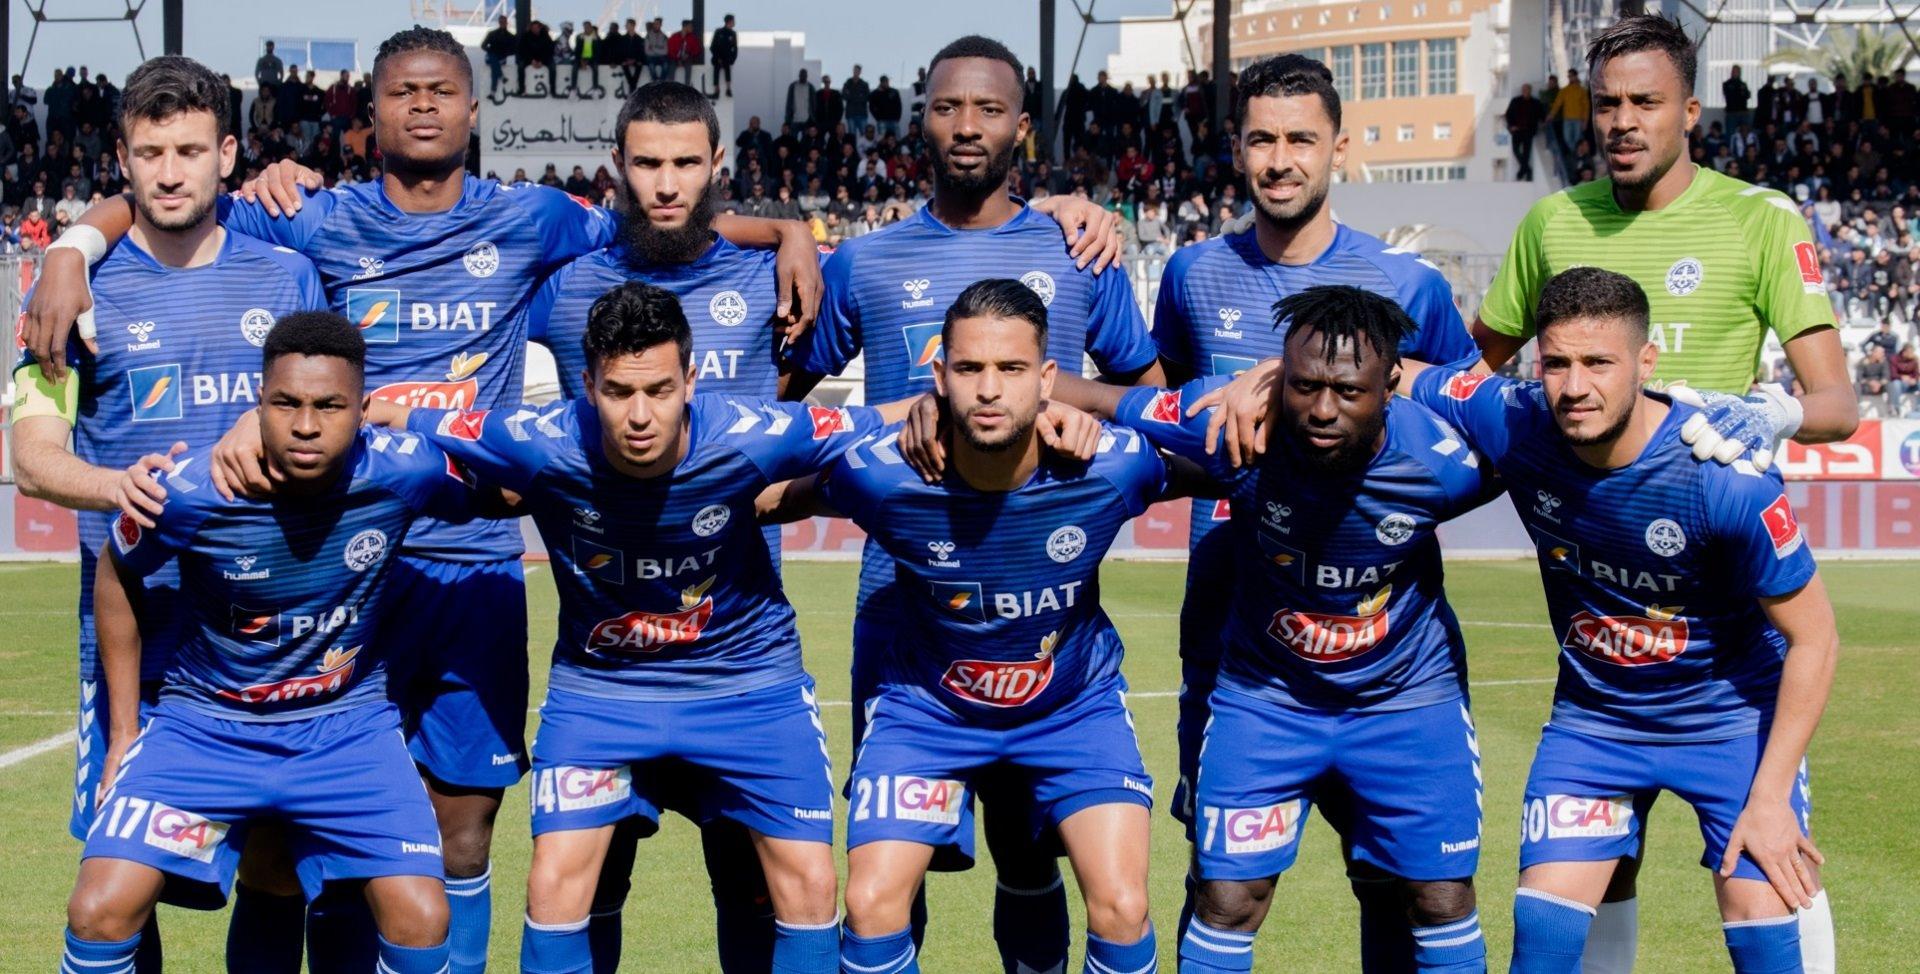 Ligue 1 – L'US Monastir veut reprendre la 2e place